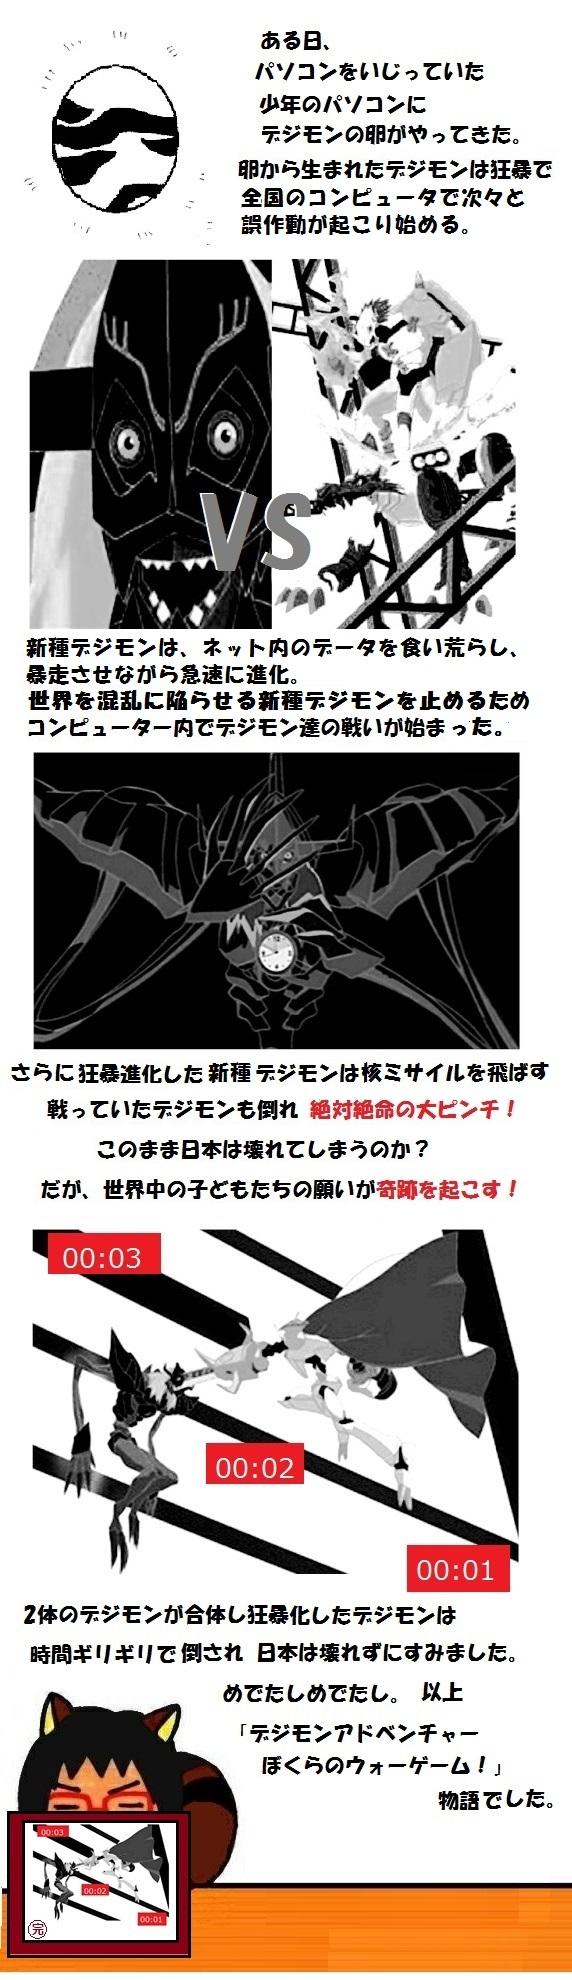 デジモンアドベンチャー ぼくらのウォーゲーム!」img1c2